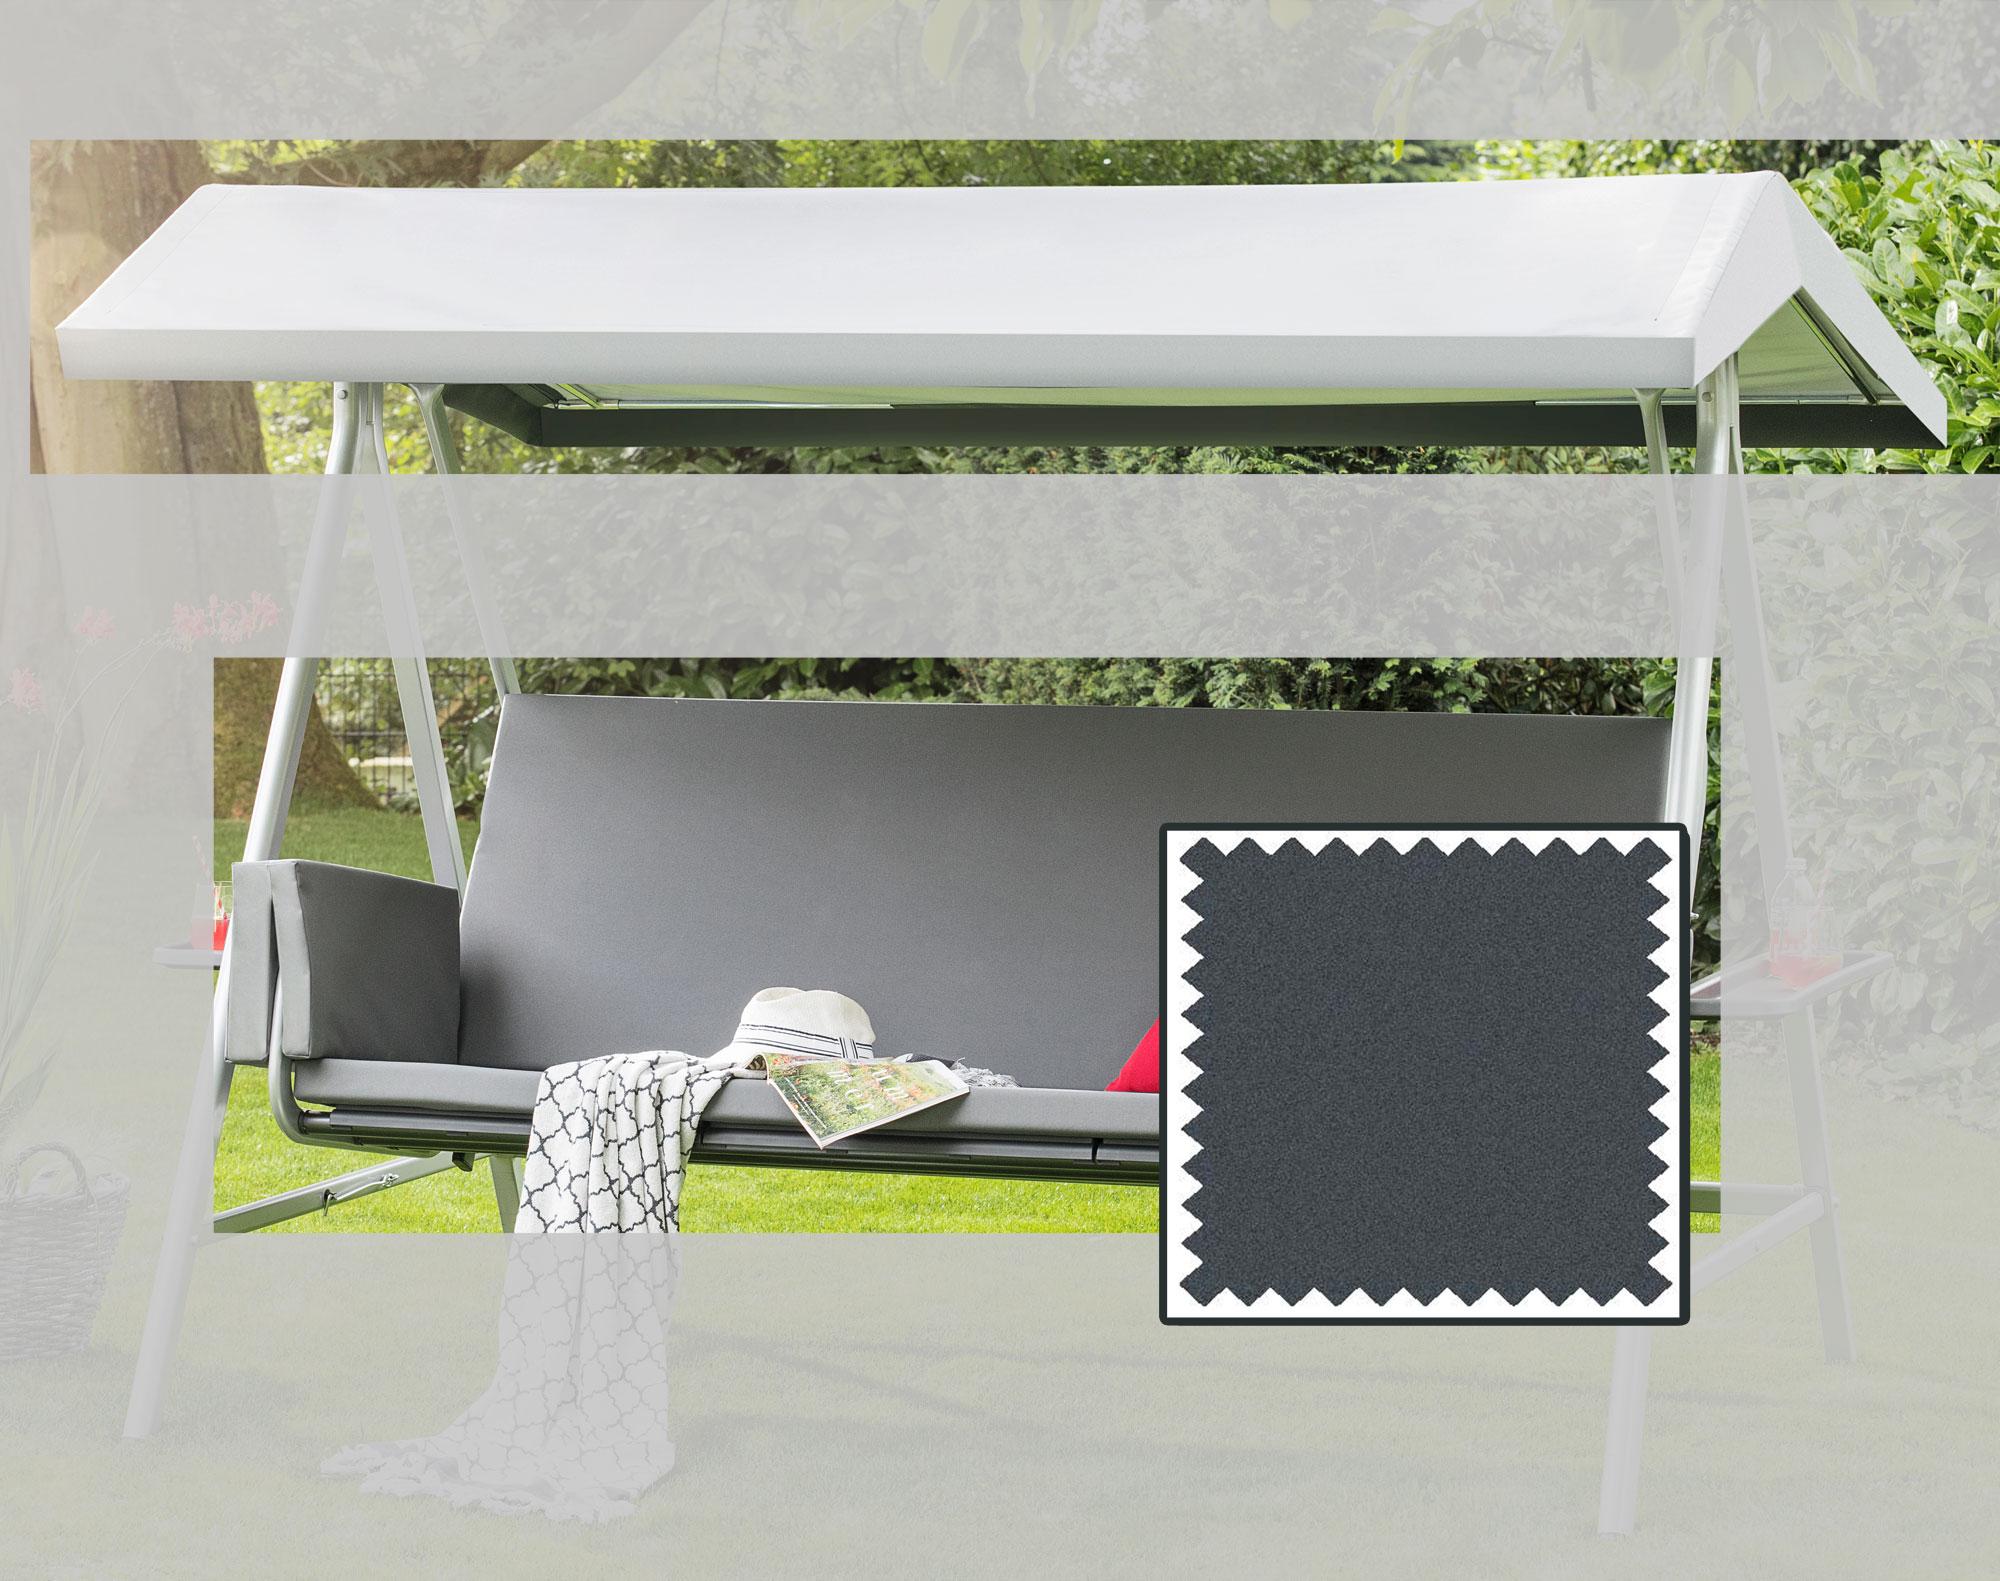 KETTLER Auflage+Dach wetterfest für Hollywoodschaukel 0312809-8877 Bild 1